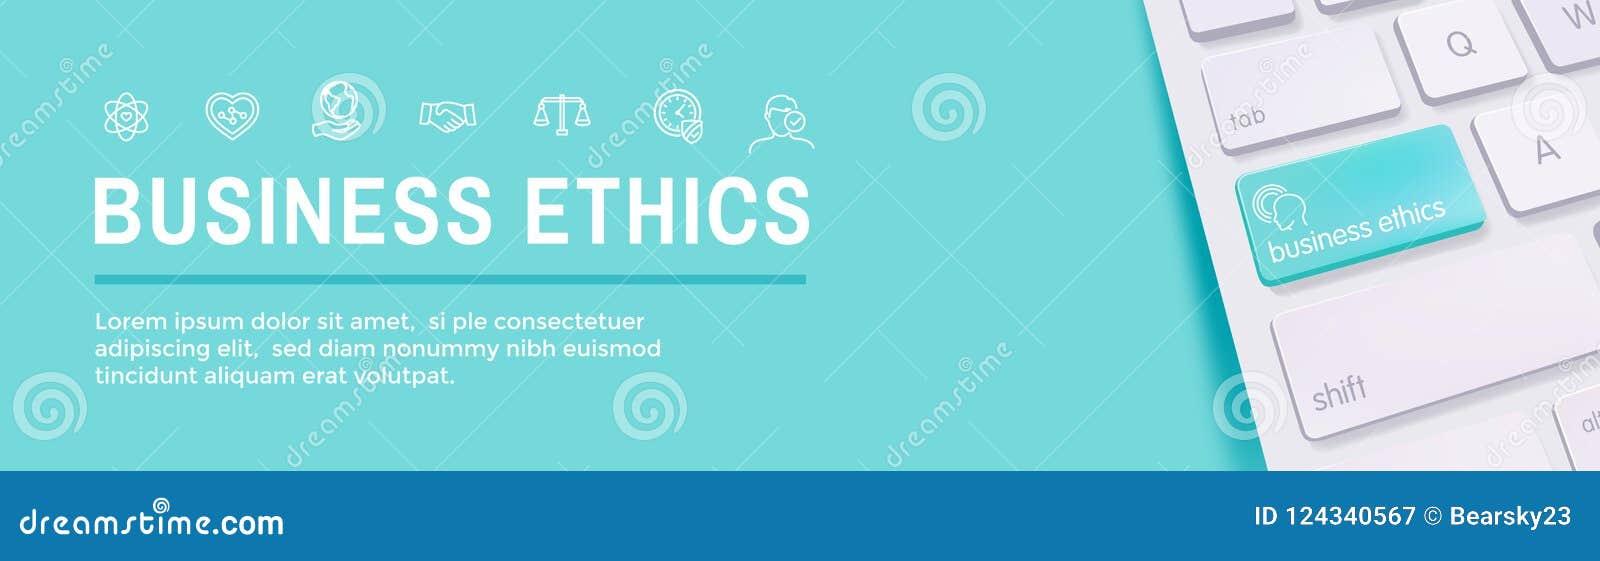 商业道德网横幅象设置与诚实,正直, Com